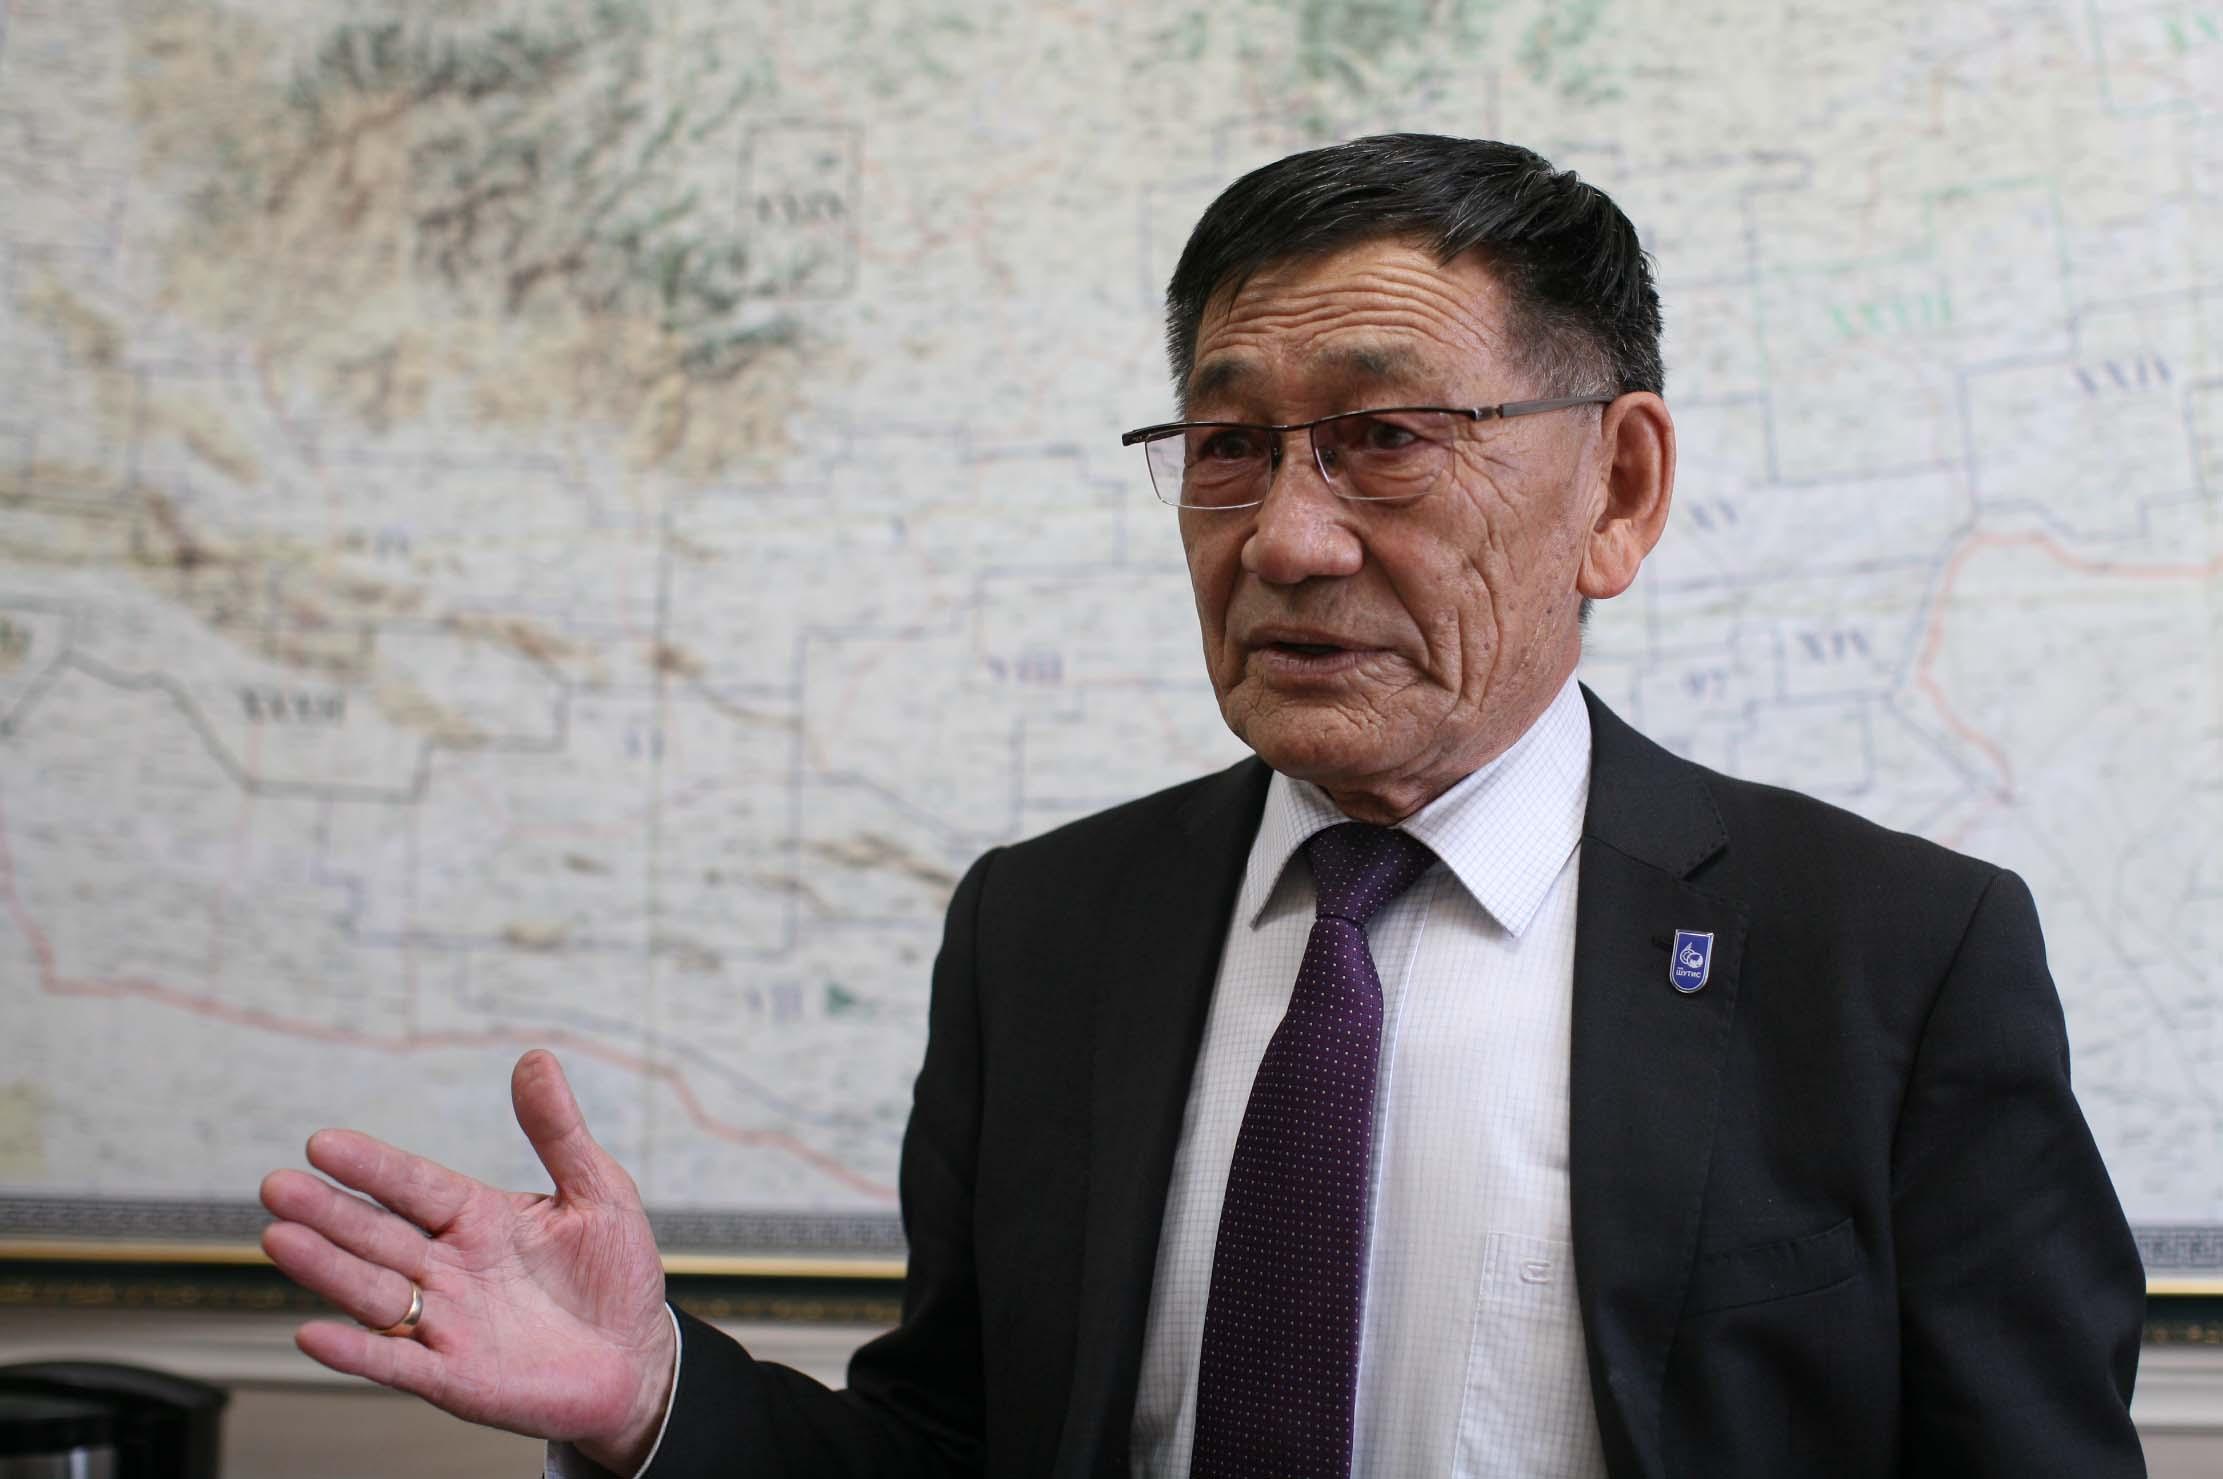 Ж.Цэвээнжав: Төрийн түшээг ухаанаар, хуулиар, шударга ёсоор шалгуур хийж сонгоорой